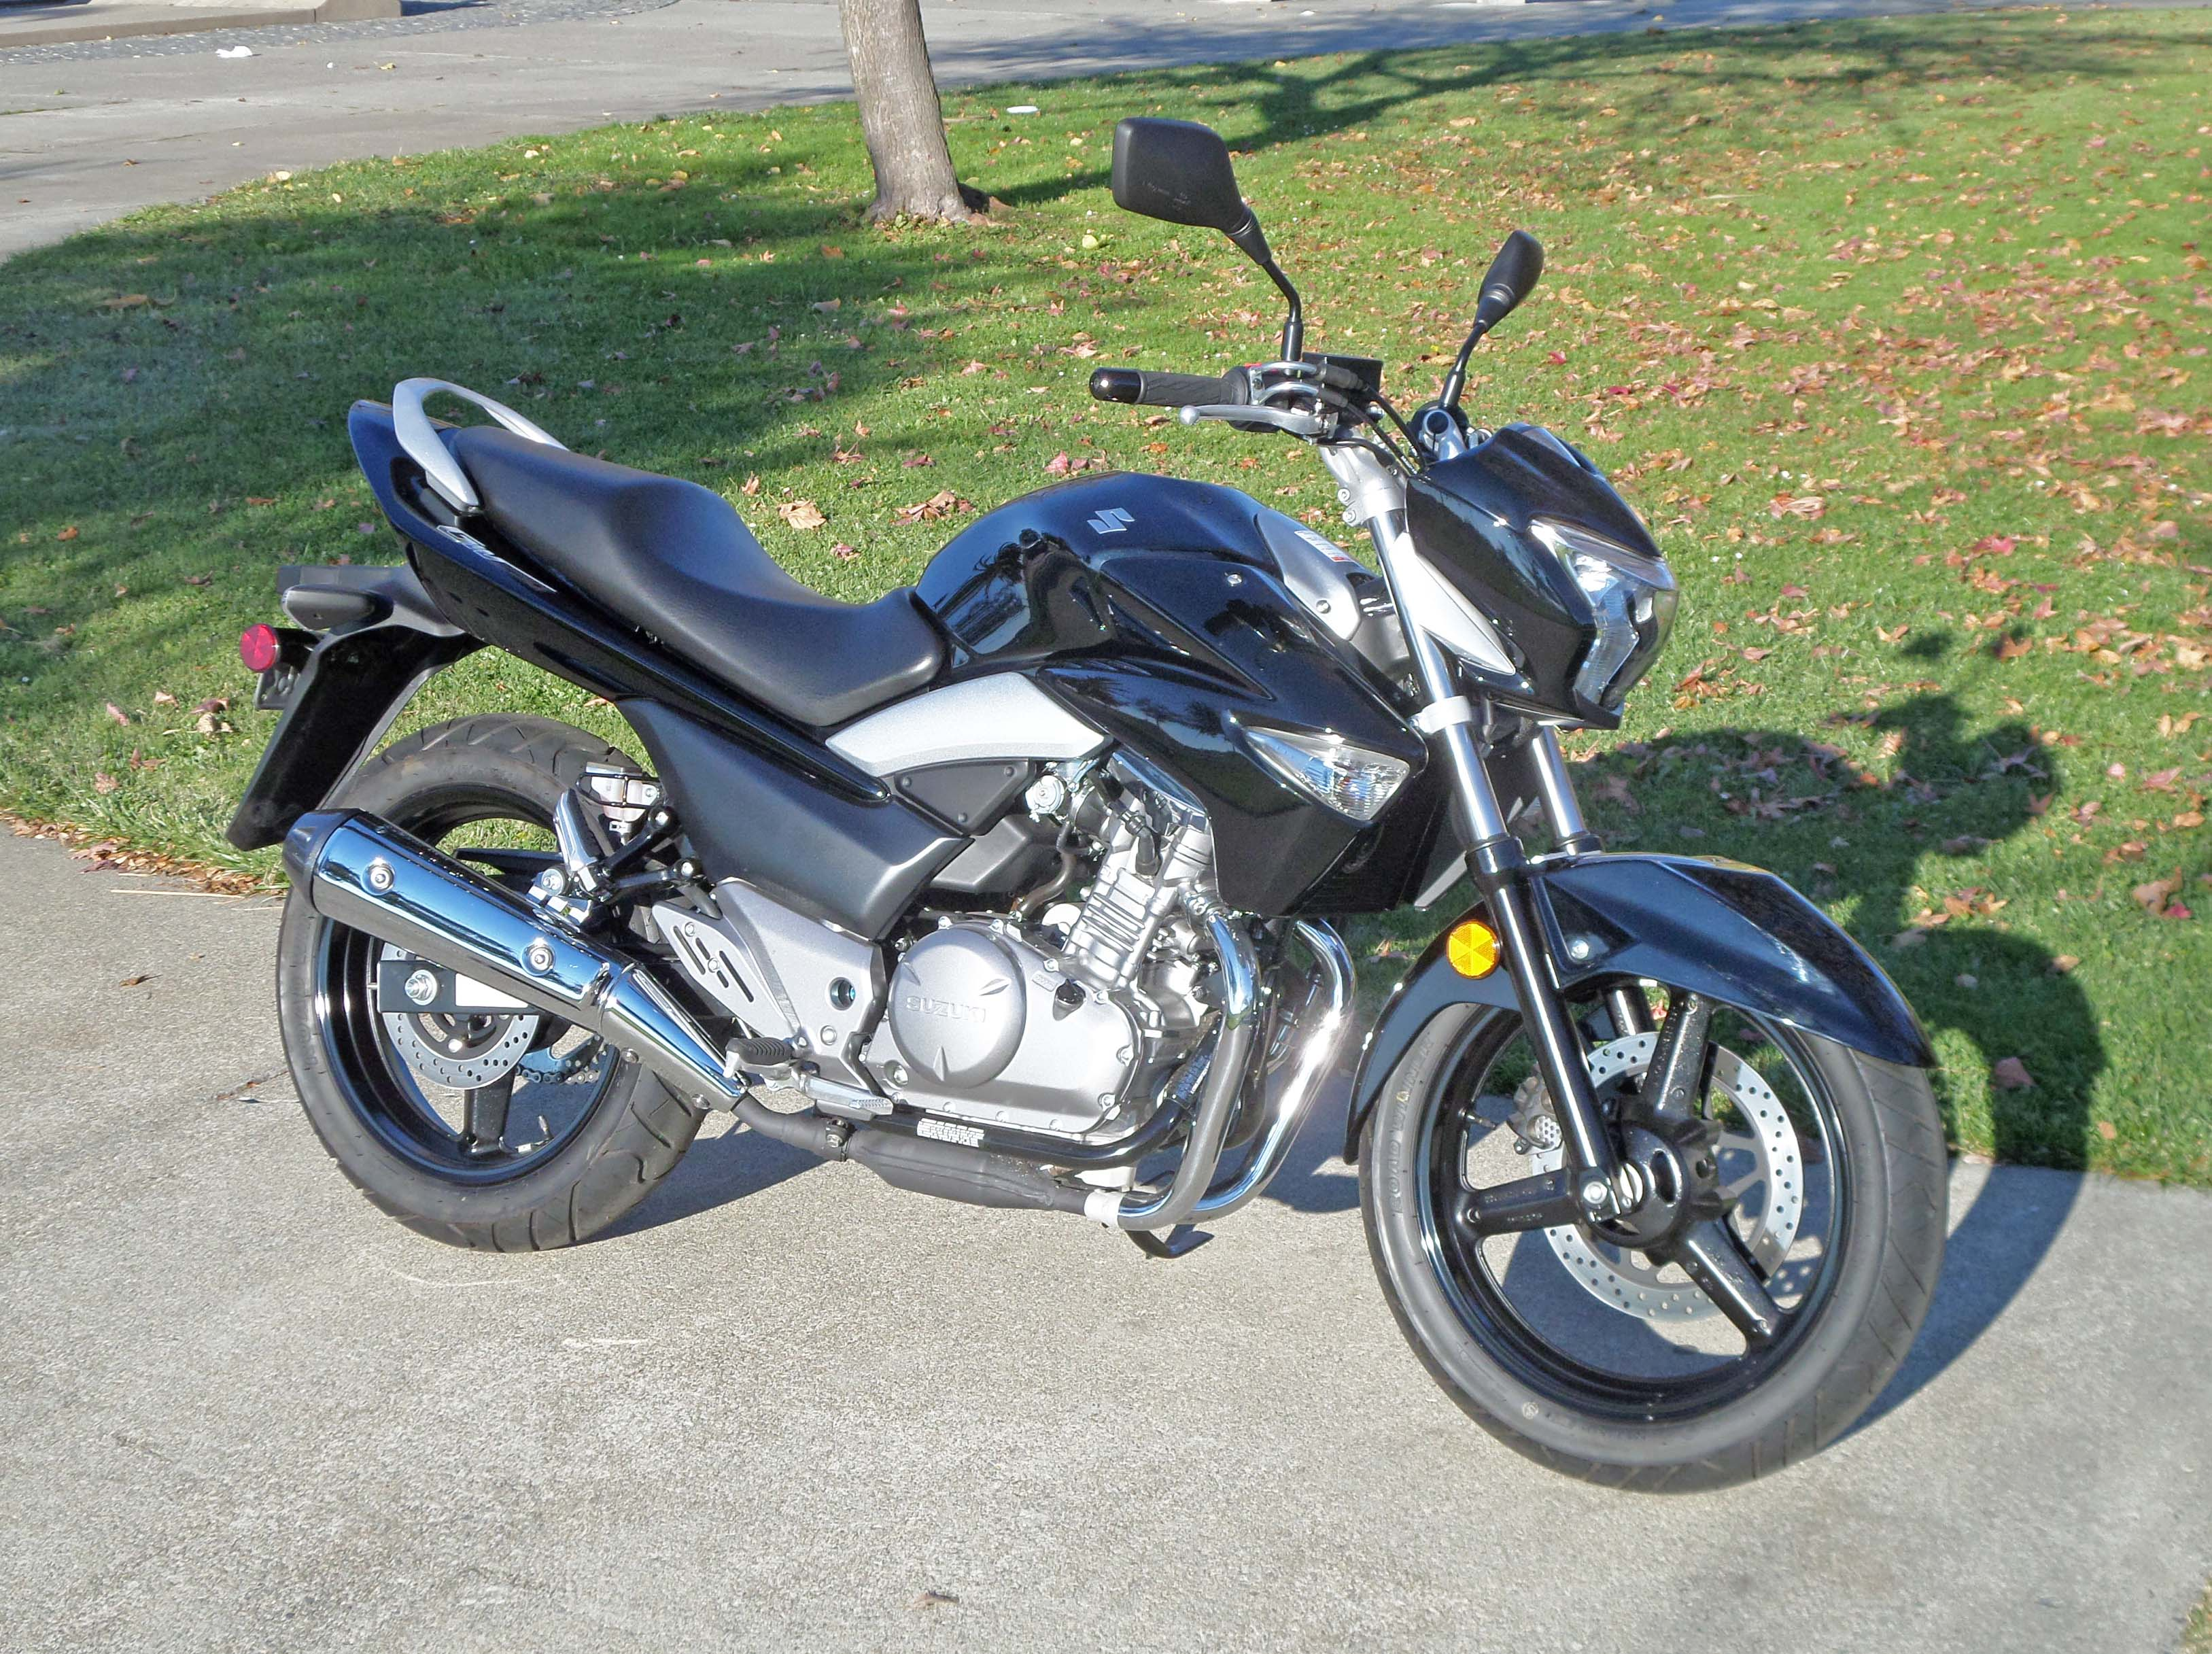 2013 Suzuki GW250 Test Ride